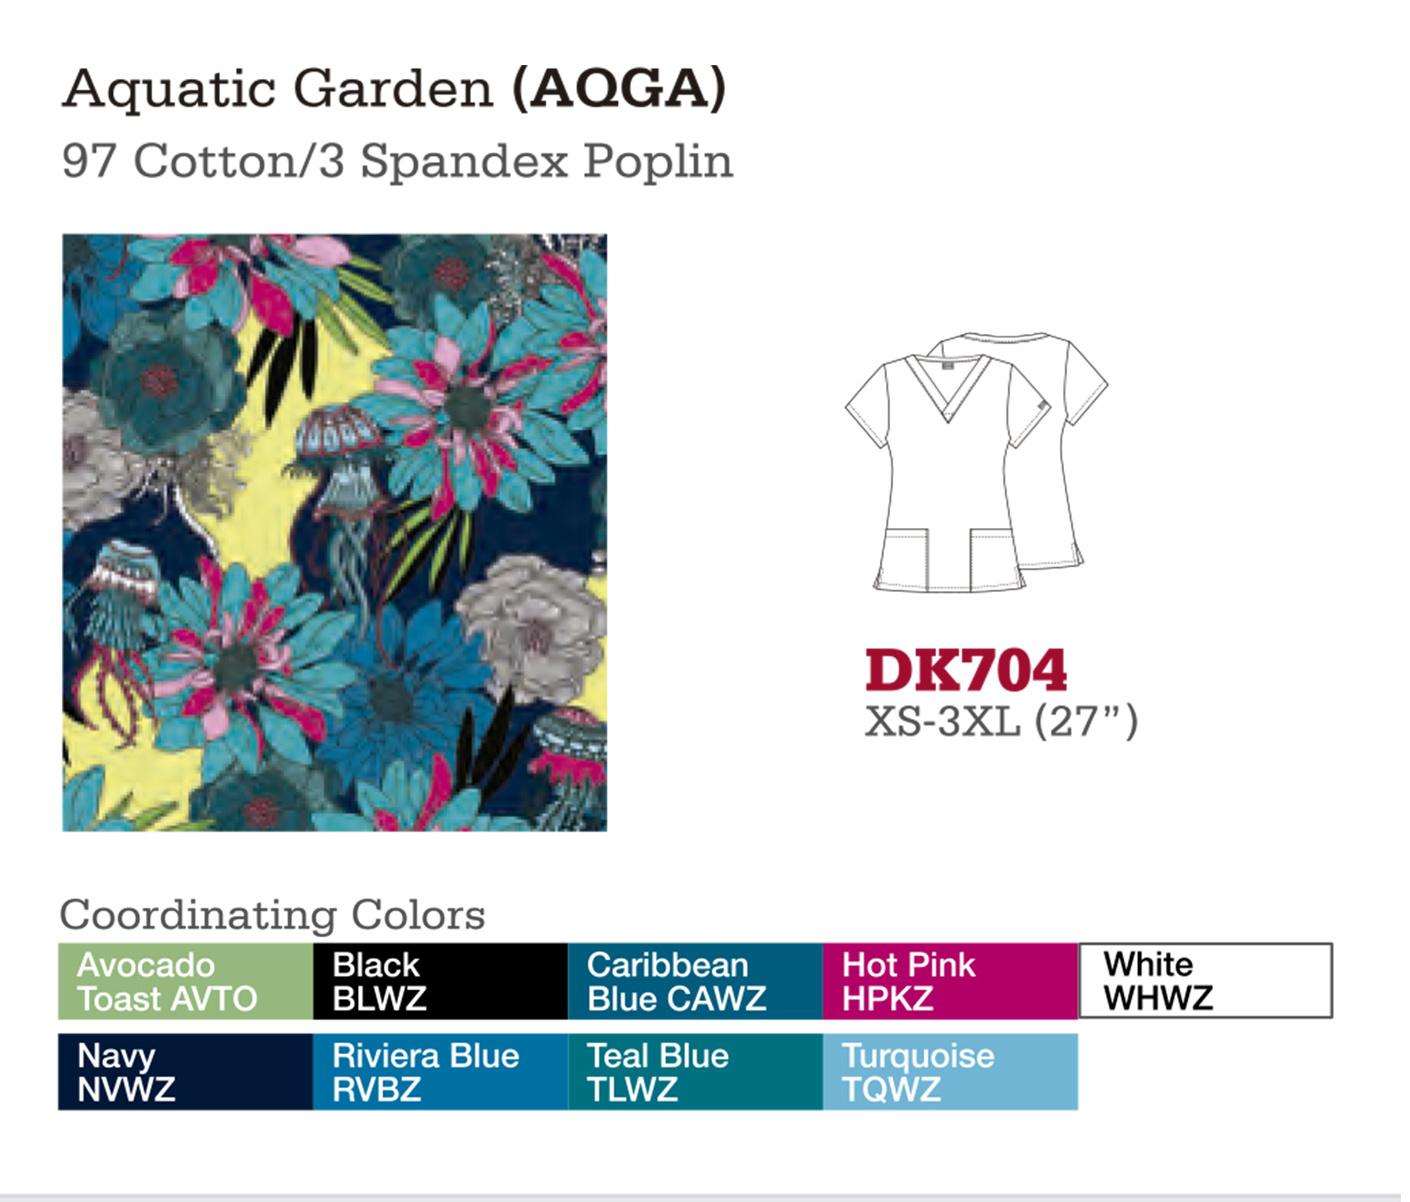 Aquatic Garden. DK704.